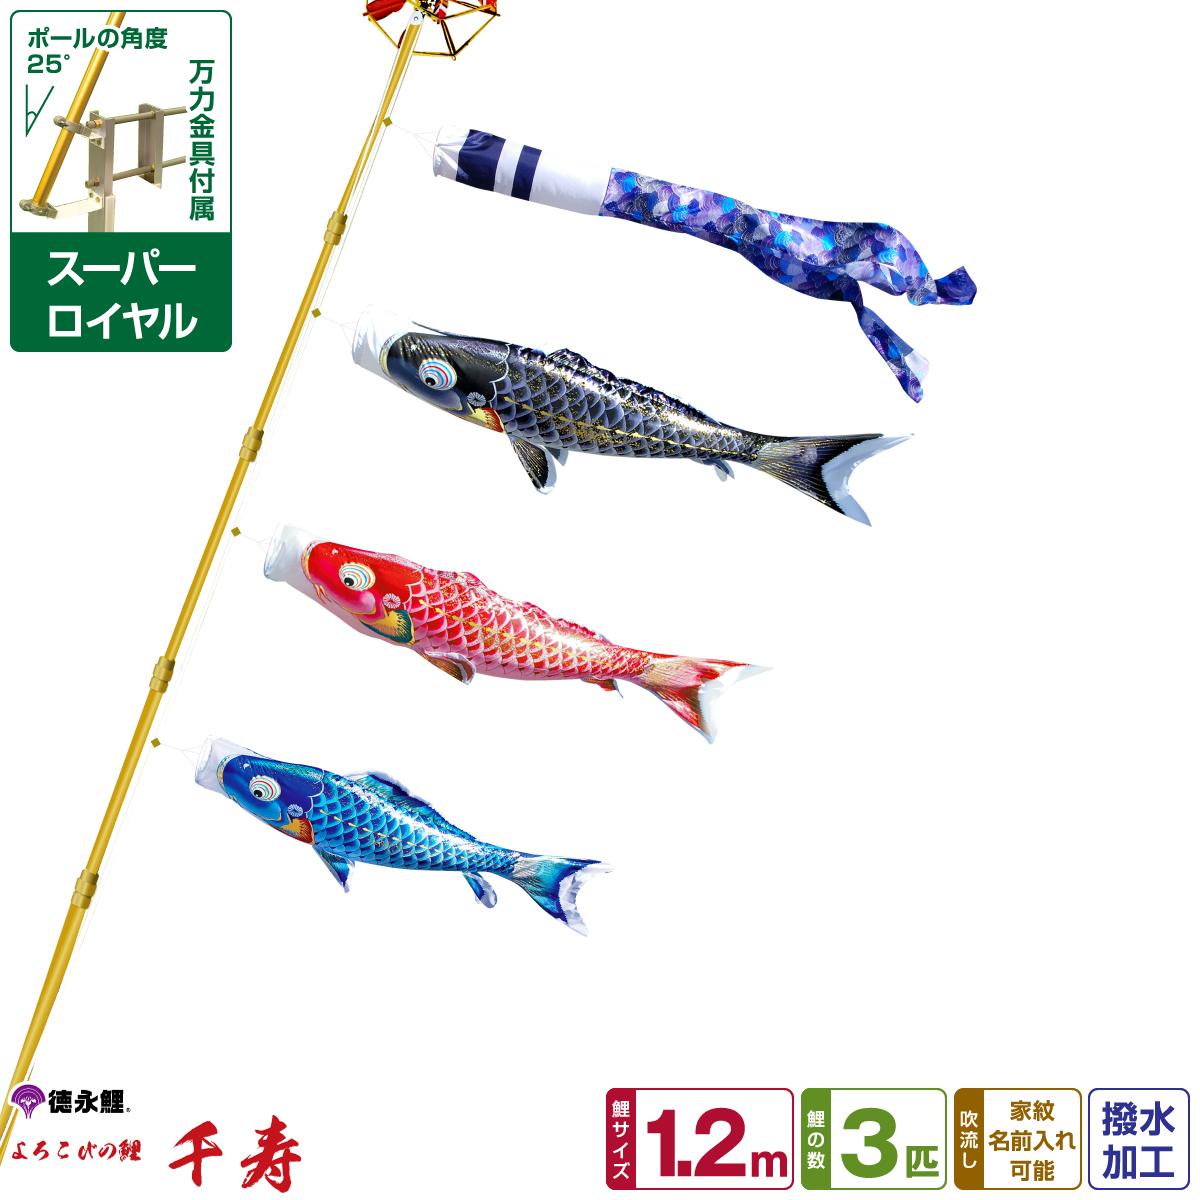 徳永鯉のぼり 千寿鯉 1.2m 6点セット ベランダ用スーパーロイヤルセット 2019年初節句 端午の節句 こどもの日 こいのぼり